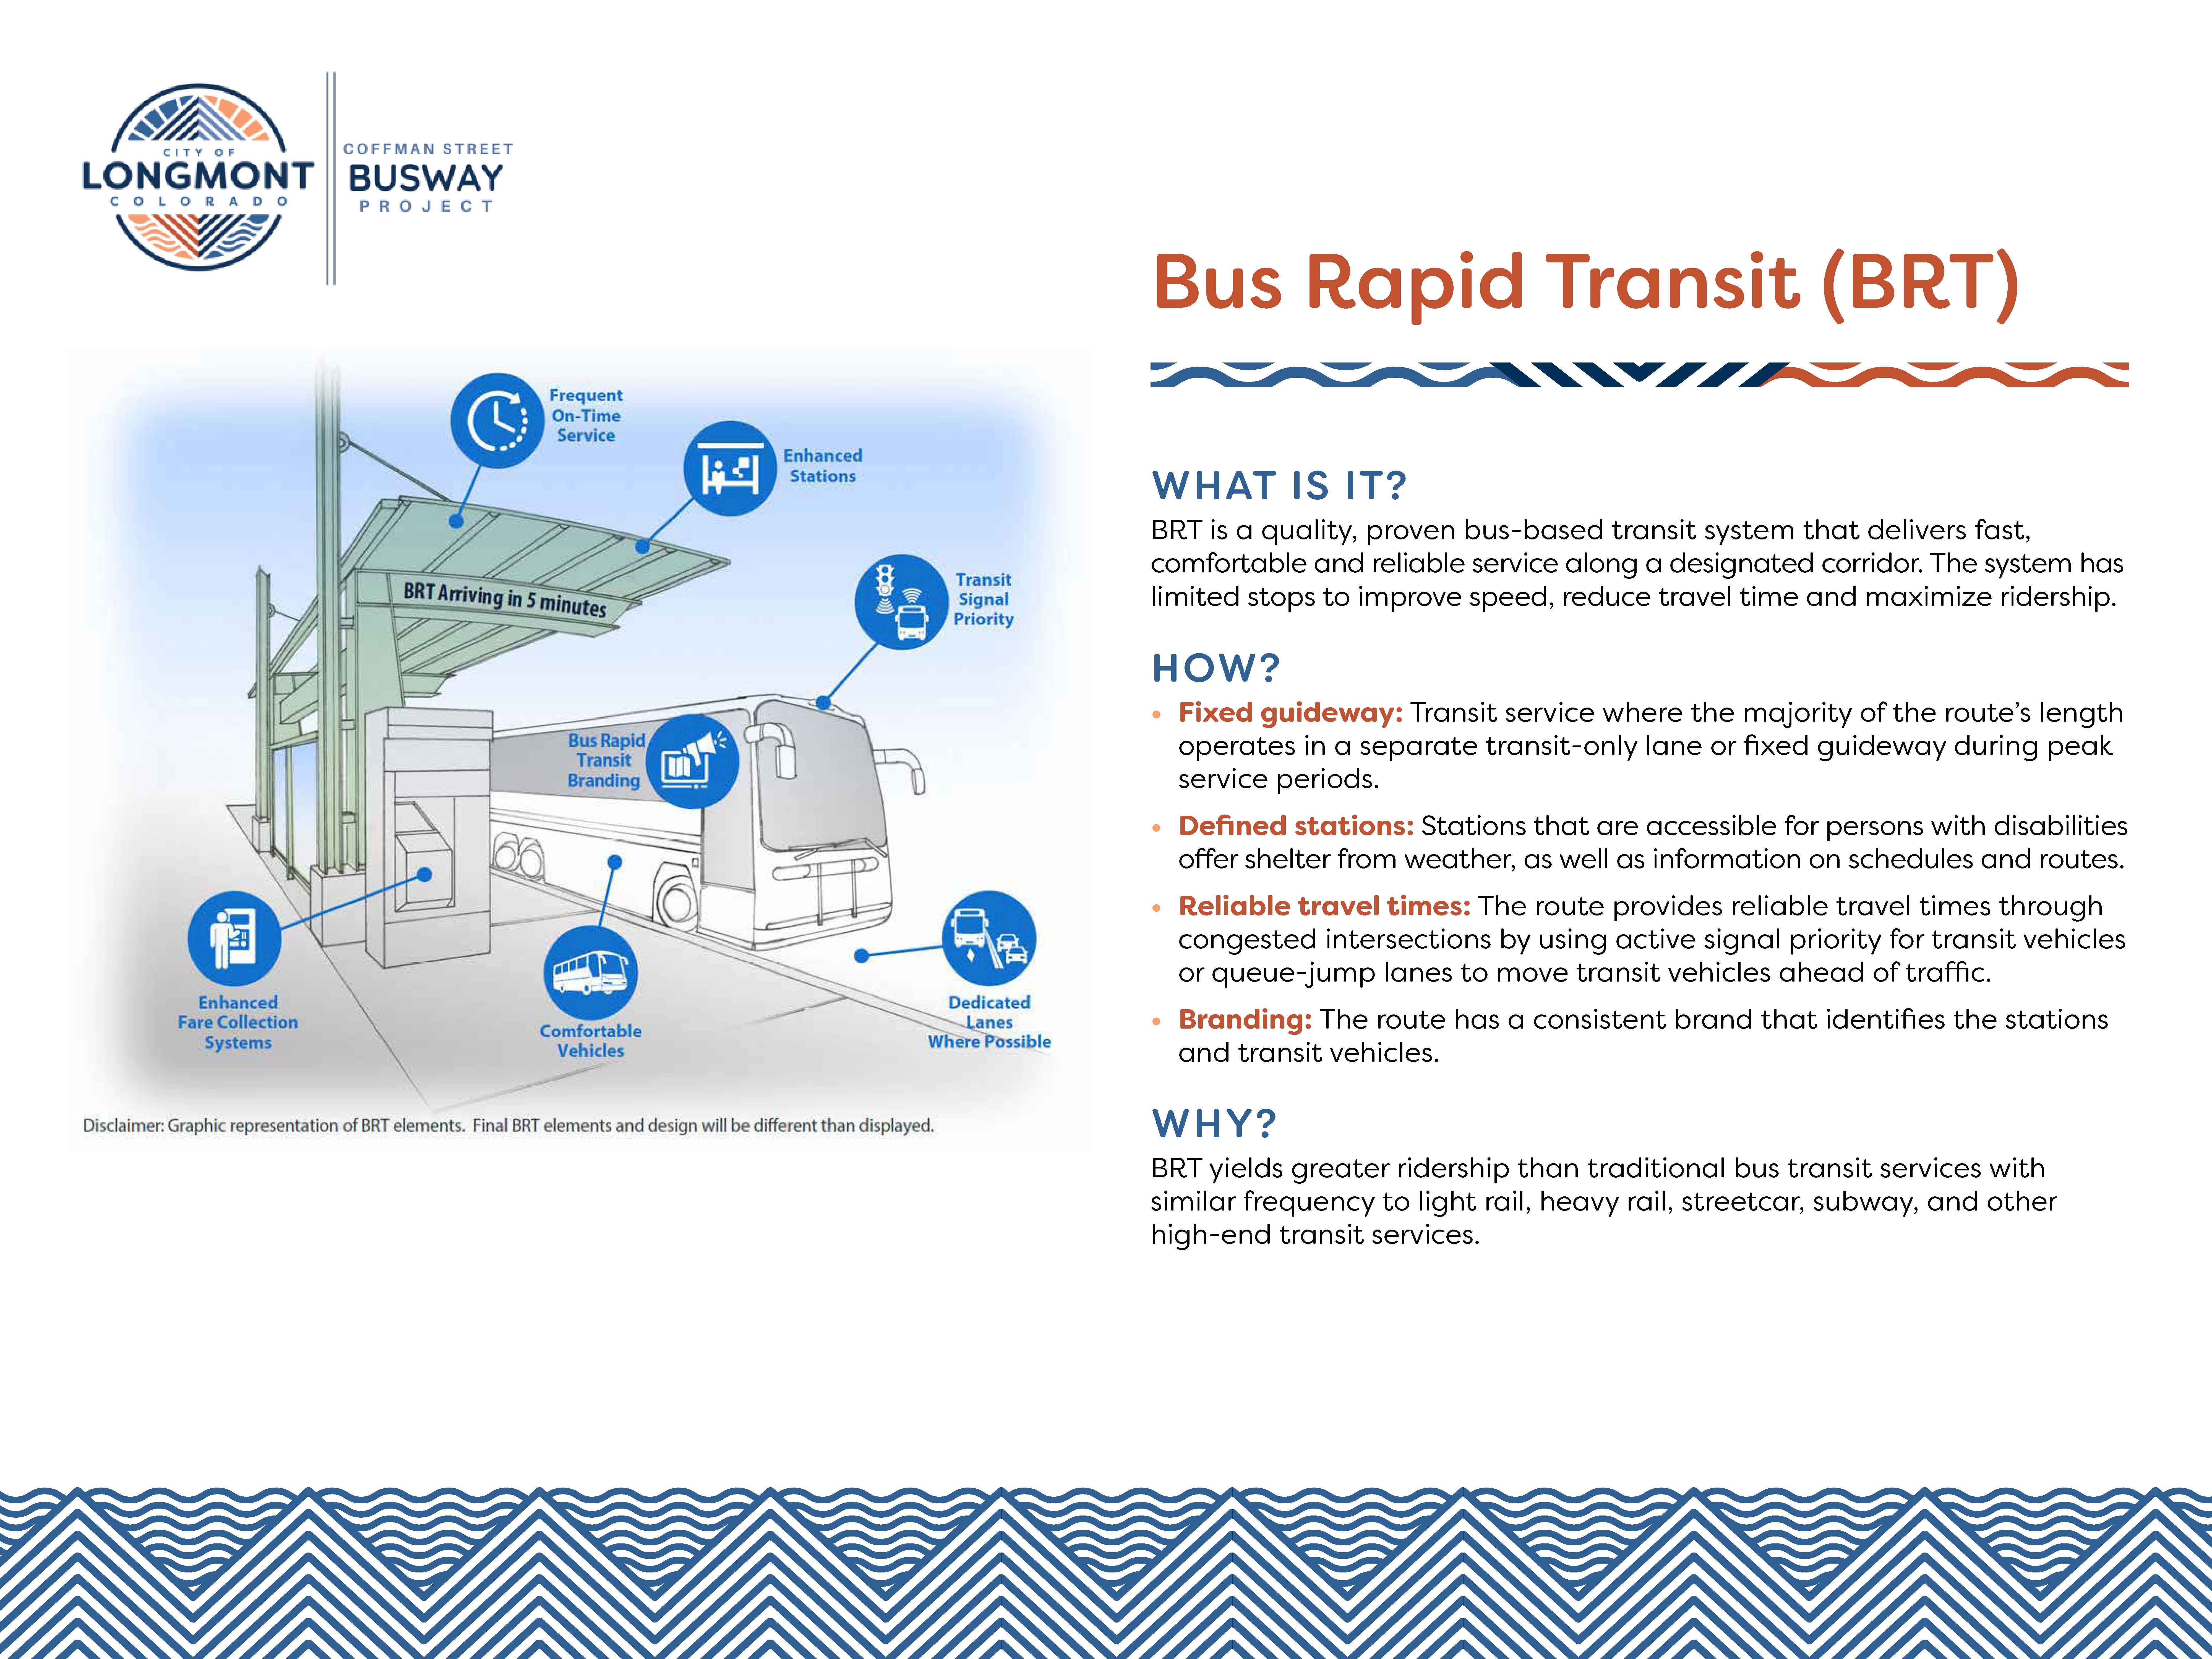 Download the Bus Rapid Transit (BRT) PDF